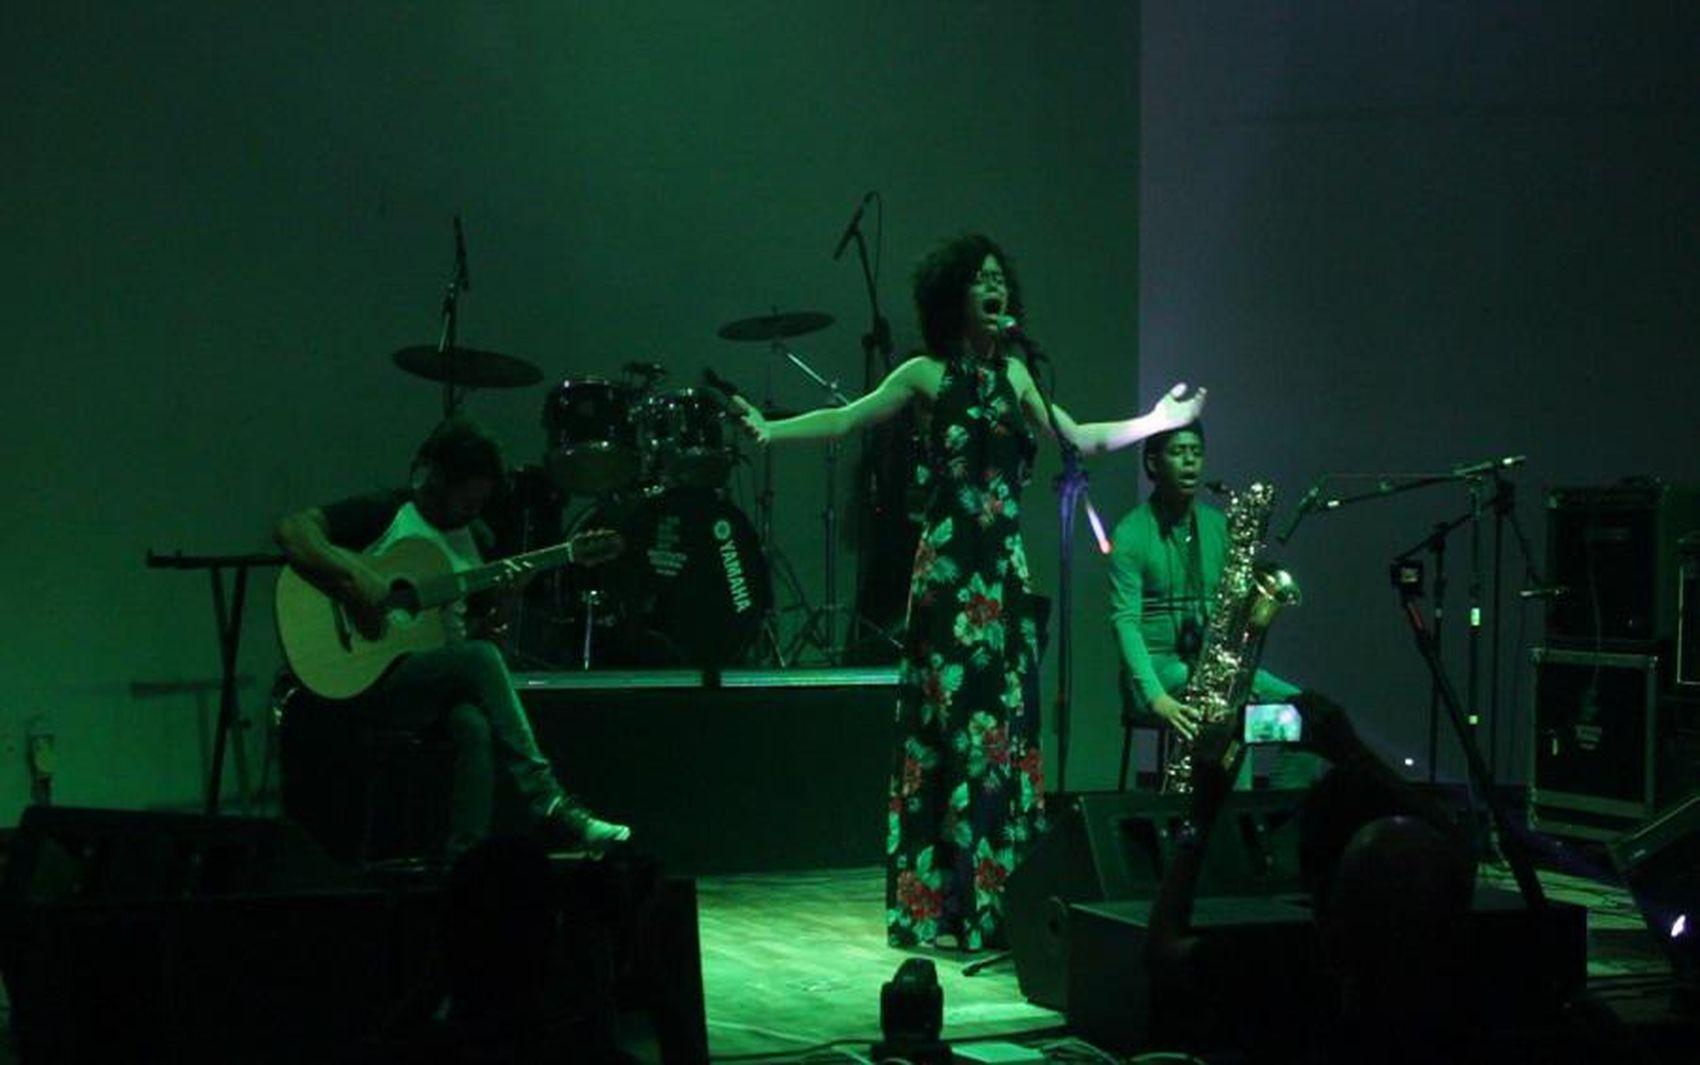 Final do festival de música do IFS ocorre no Parque Augusto Franco - Notícias - Plantão Diário